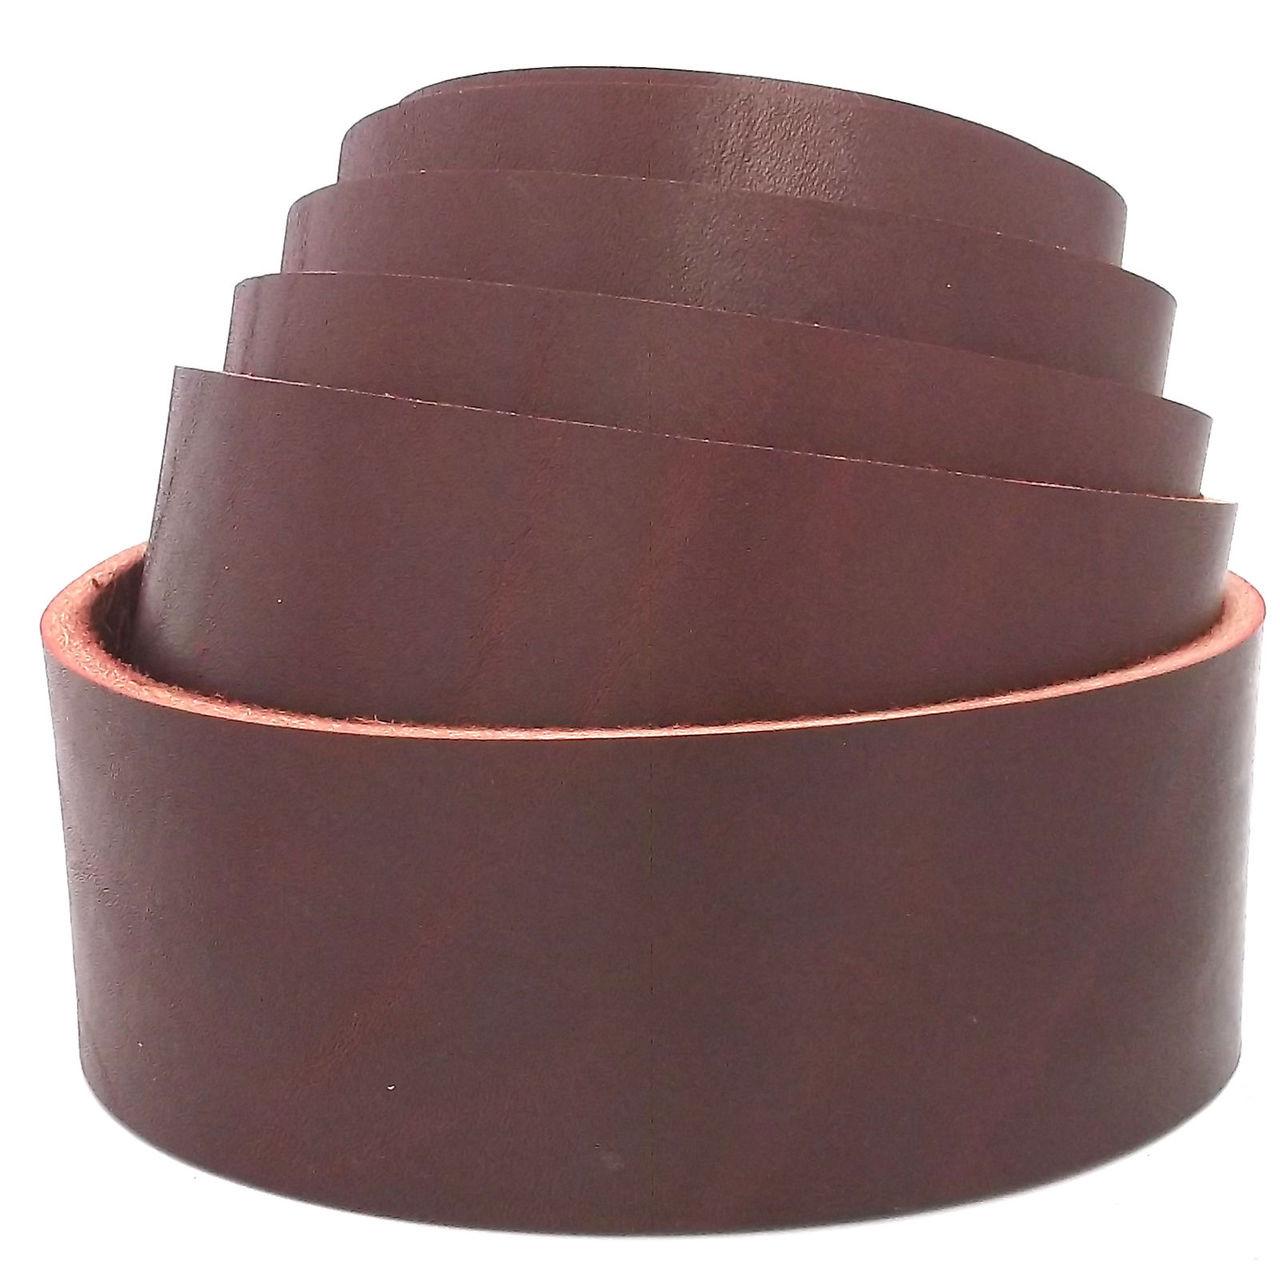 Appearance of latigo leather